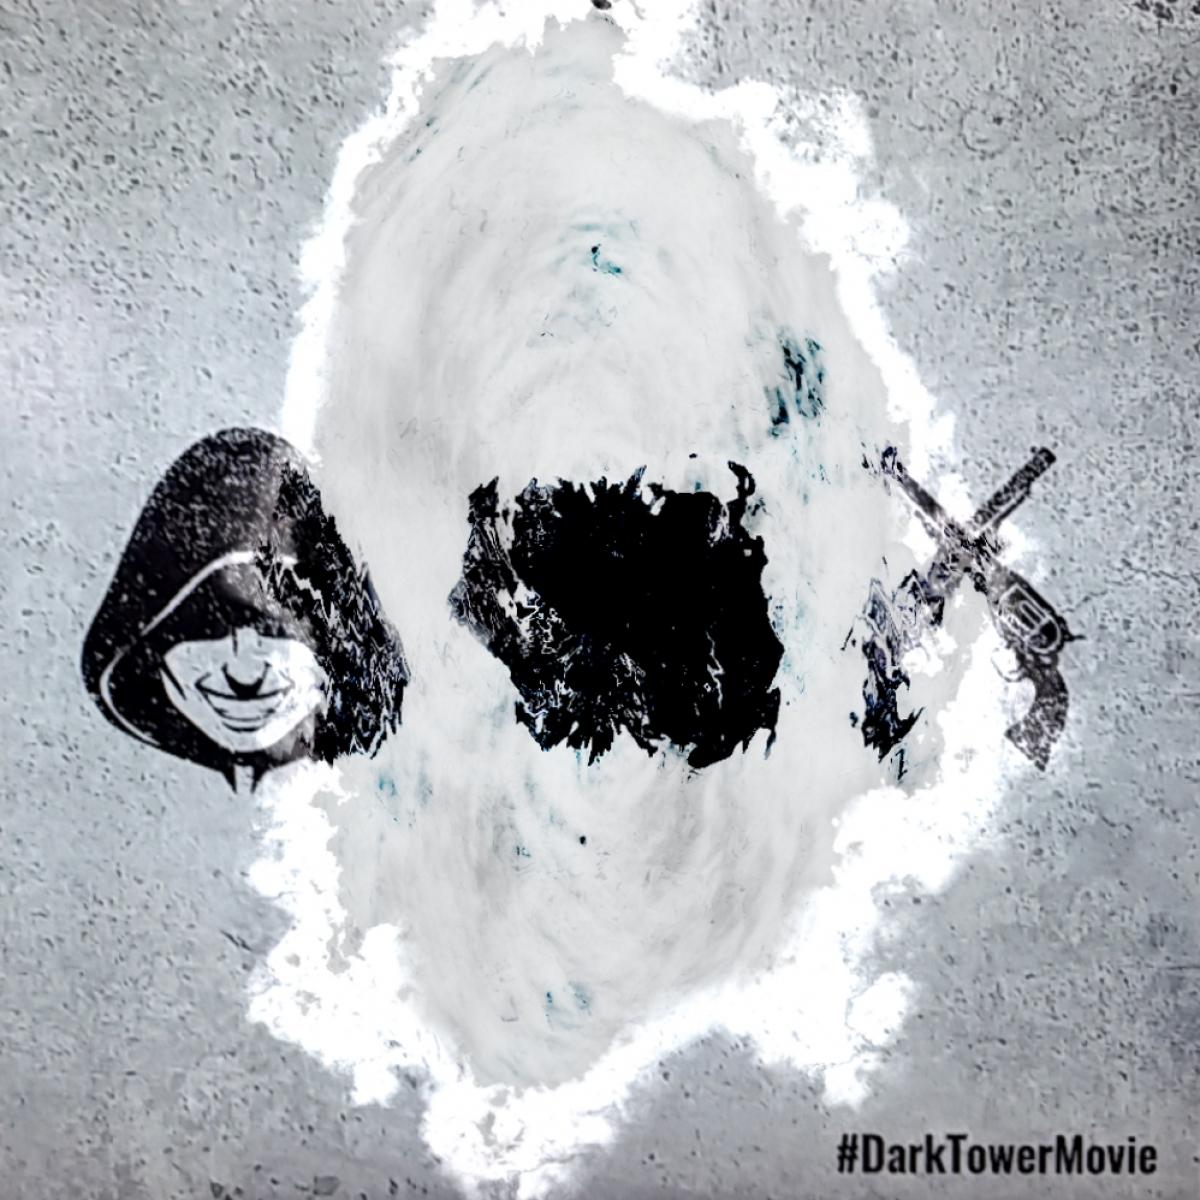 The Dark Tower Riddle 1 - w aplikacji Sombra Group - obrazek